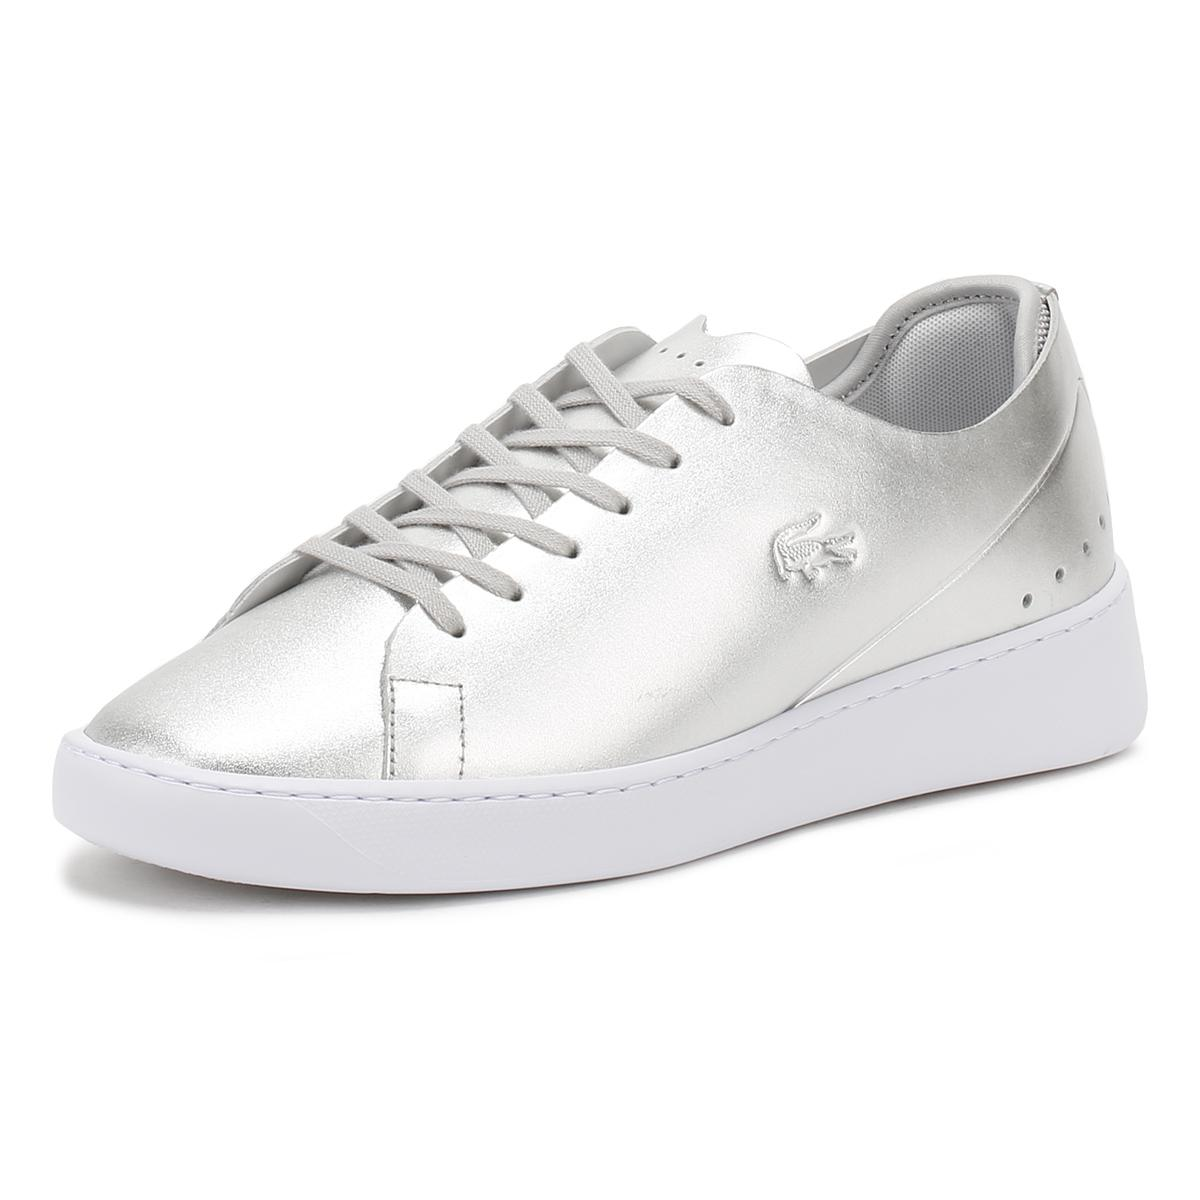 Lacoste Leather Eyyla Sneaker in Silver